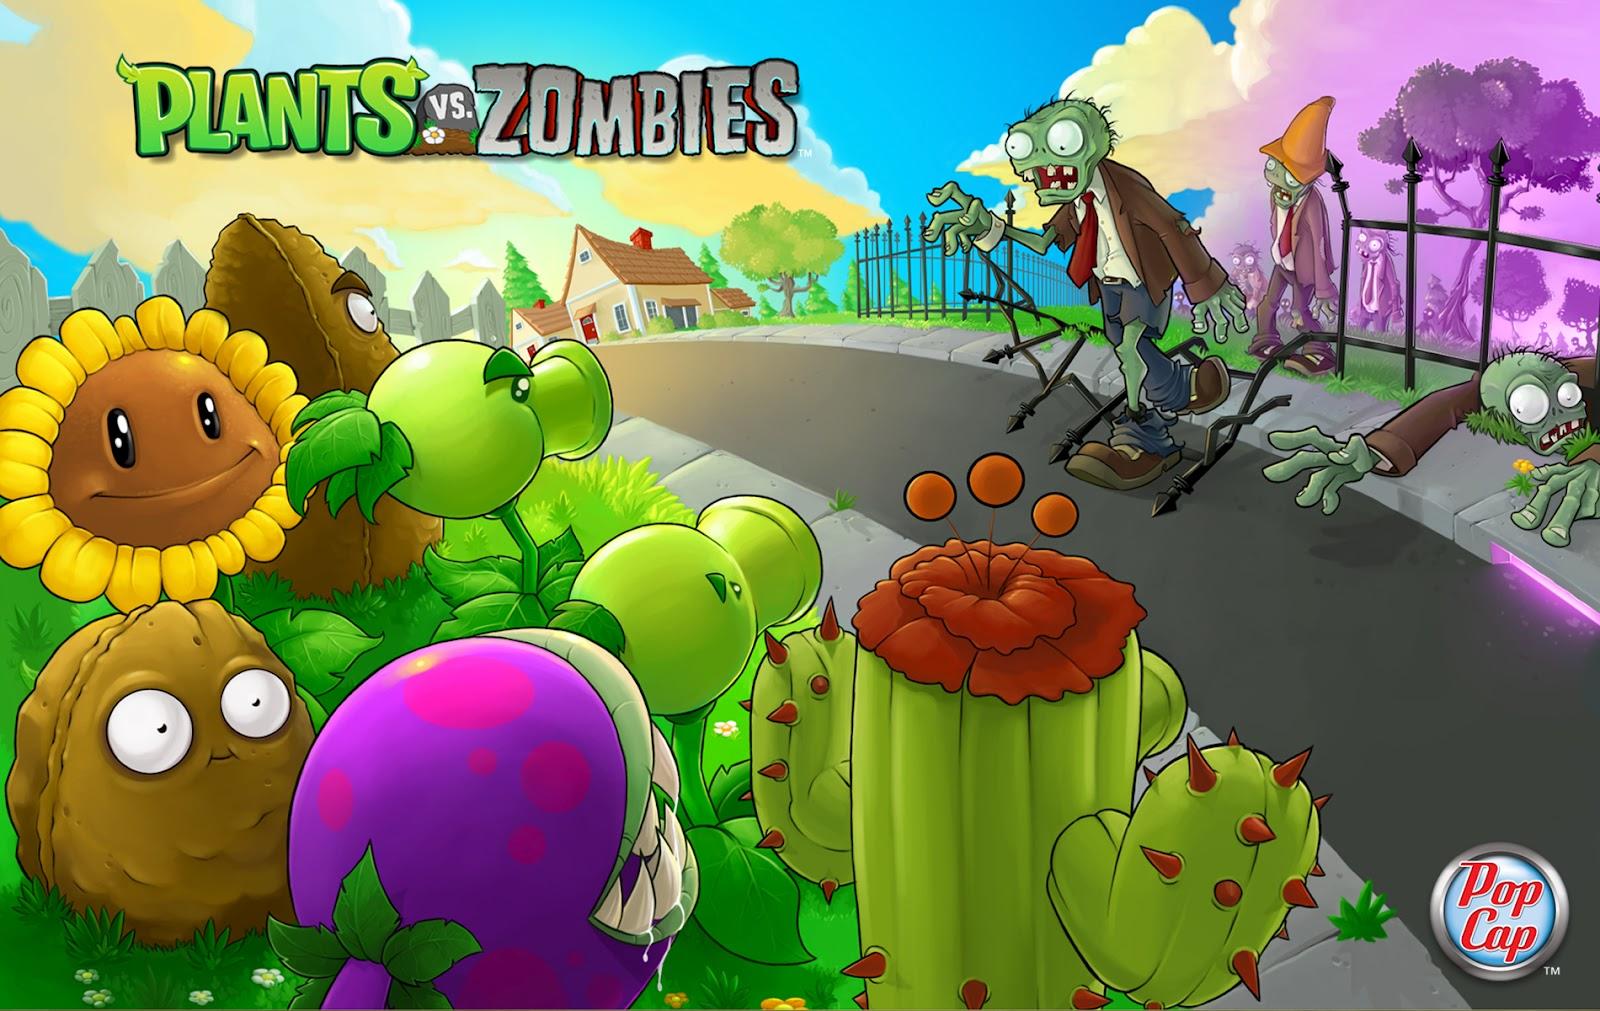 http://3.bp.blogspot.com/-MjiGwHpMdlI/UCh3Bp8dQ6I/AAAAAAAAD1A/utEnKFaaW6E/s1600/wallpaper-plants-vs-zombies.jpg